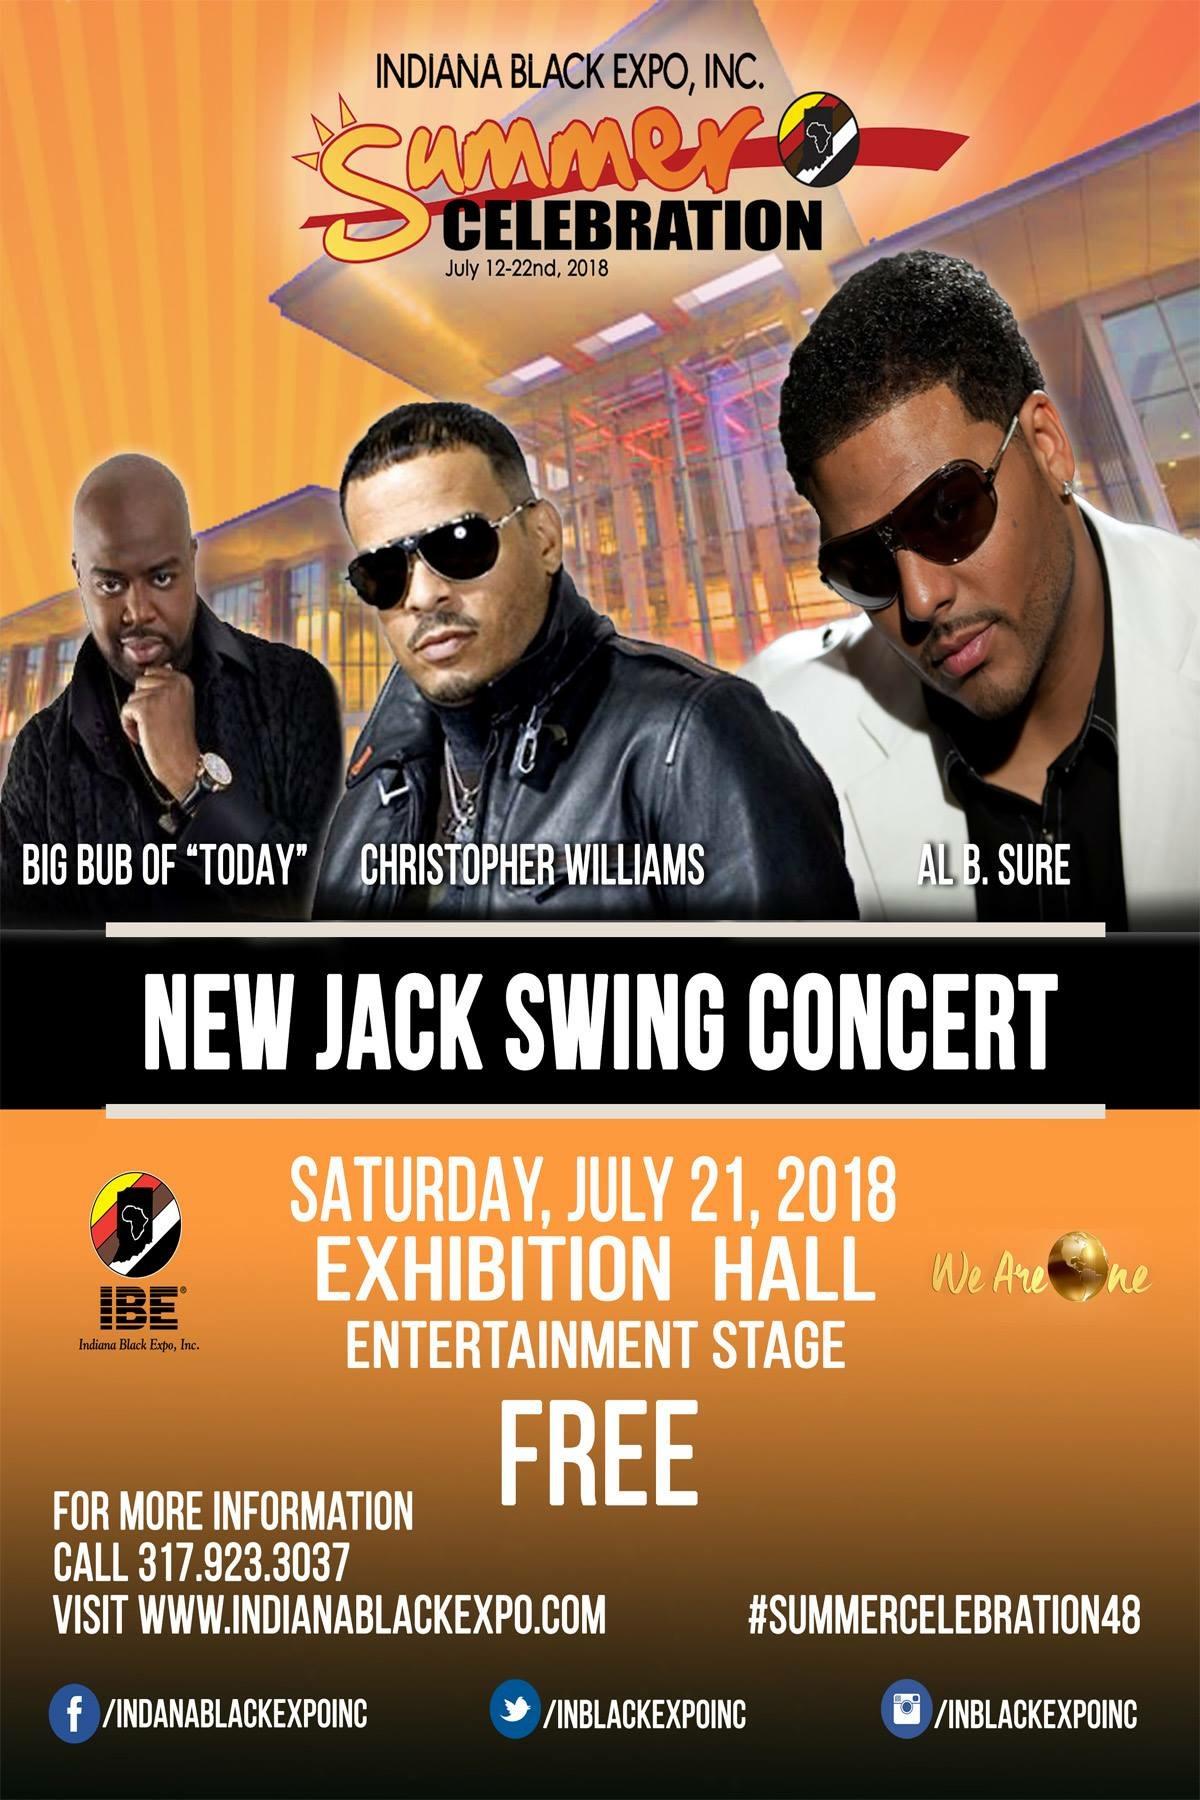 New Jack Swing Concert Flyer